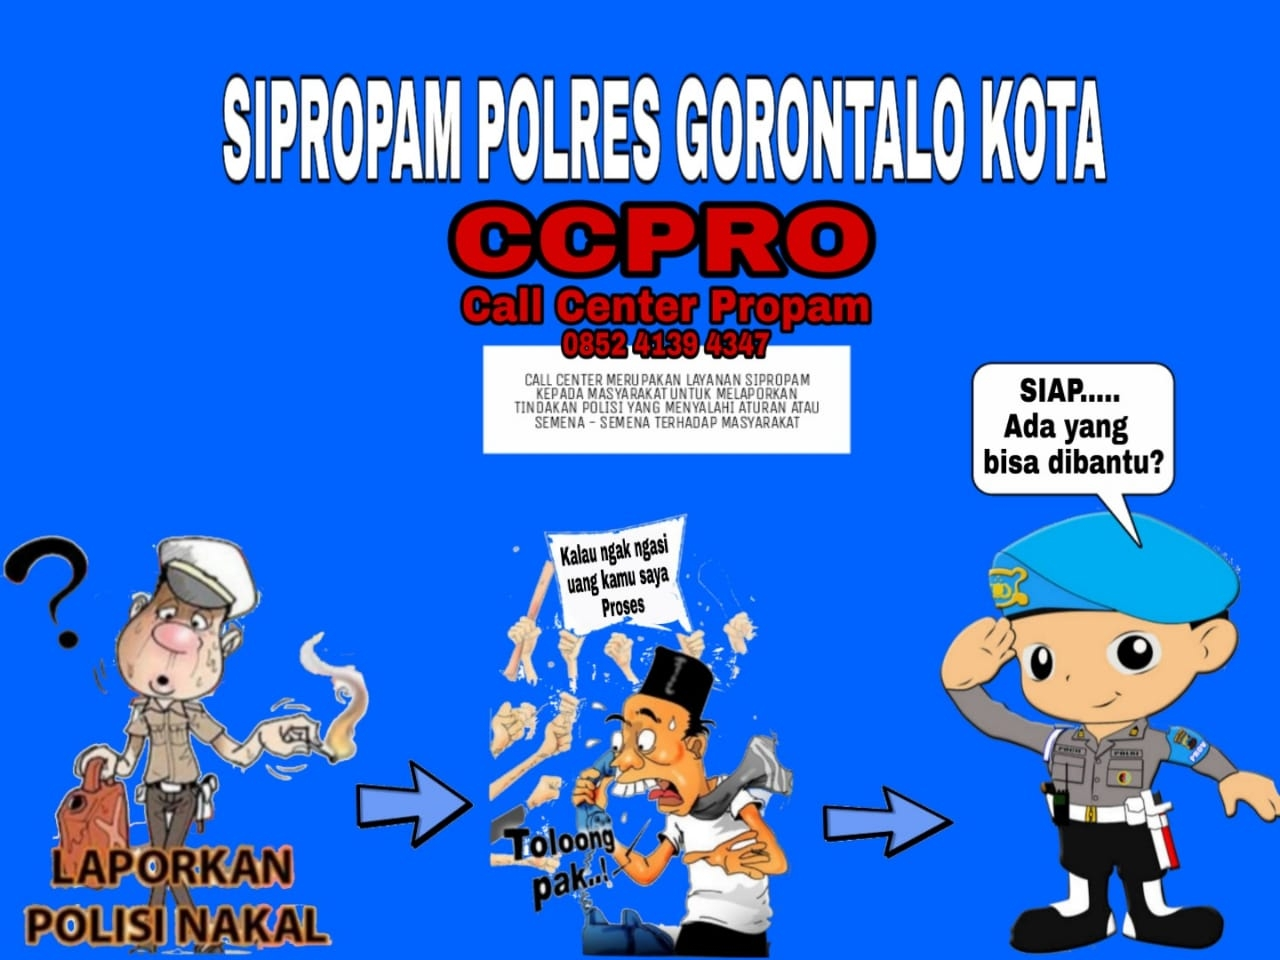 PROPAM POLRES GORONTALO KOTA